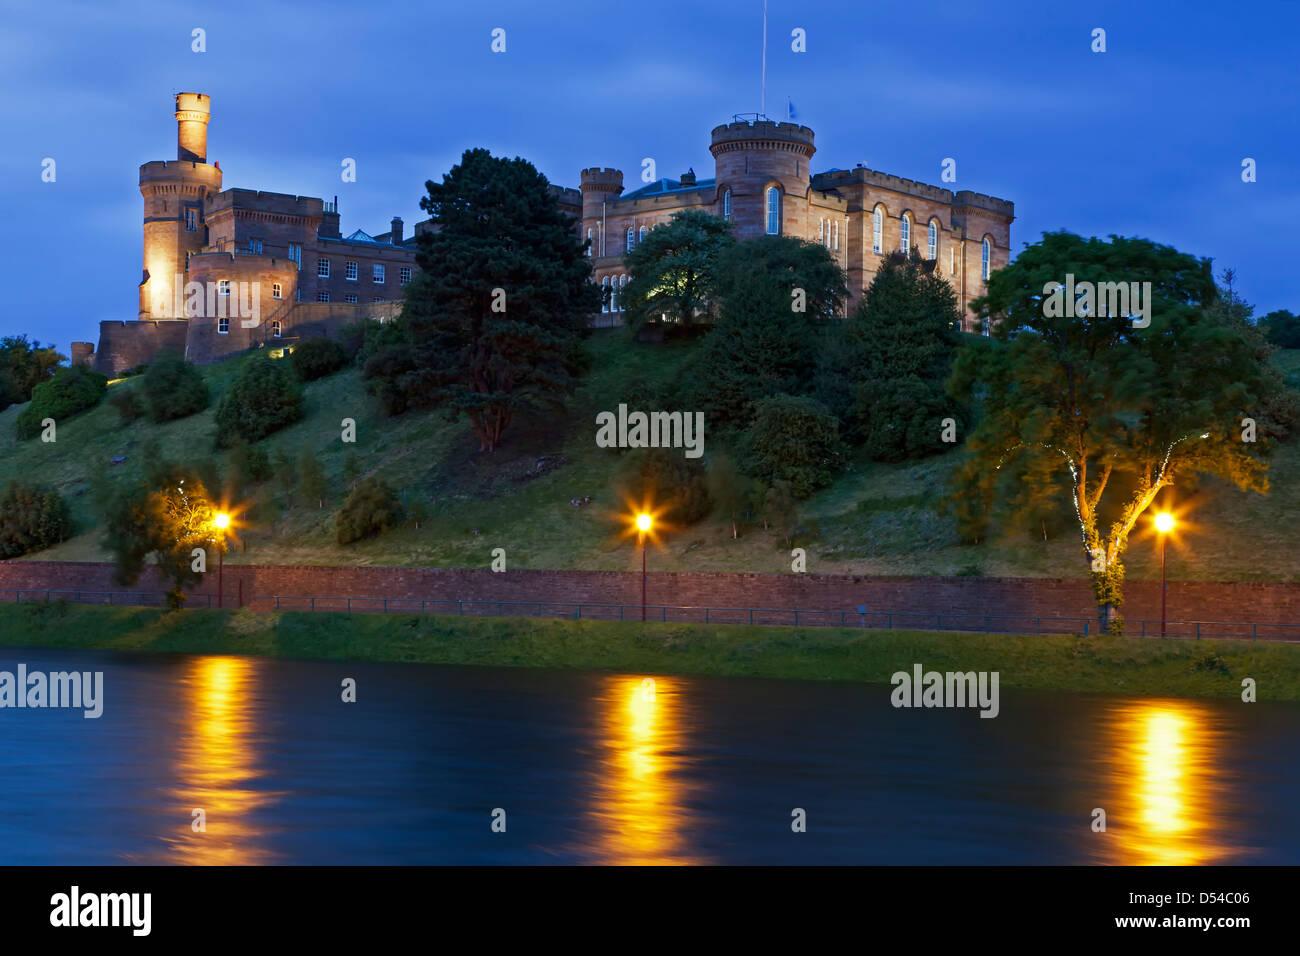 El castillo de Inverness (palacio de justicia) y el río Ness, Inverness, Scotland, Reino Unido Imagen De Stock